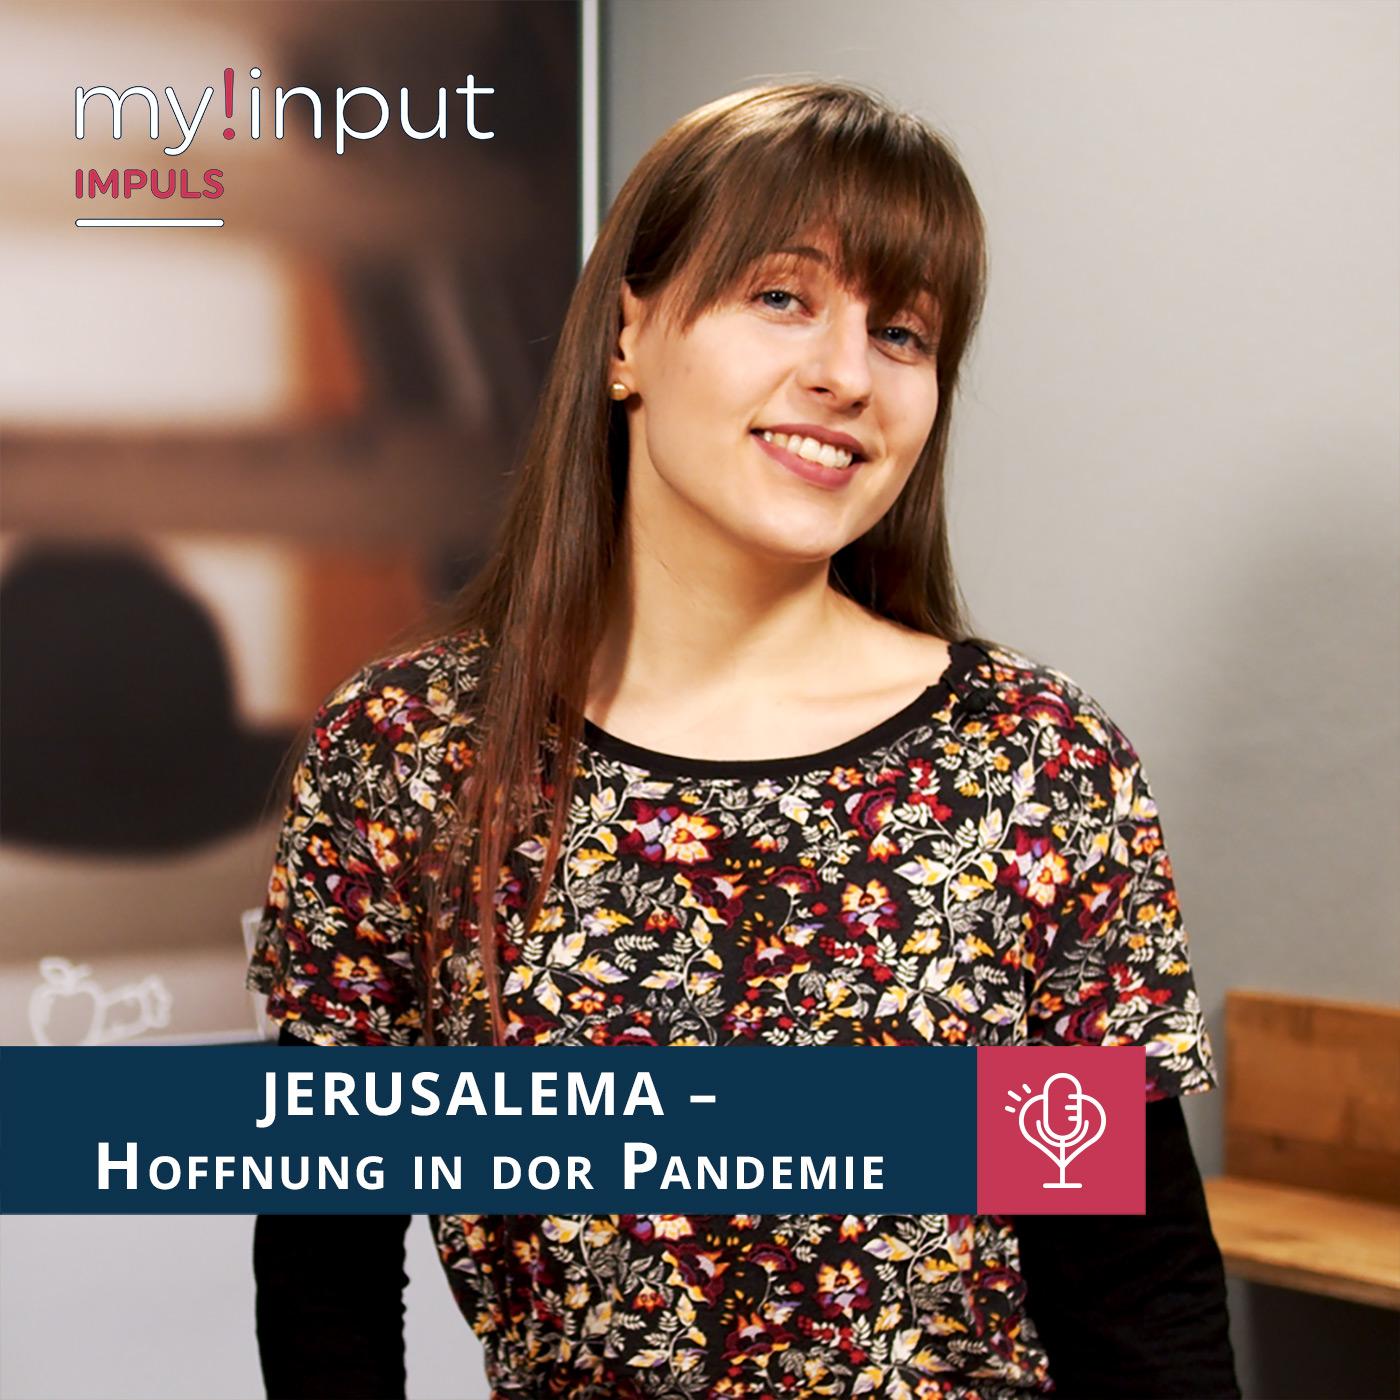 Jerusalema – Hoffnung in der Pandemie